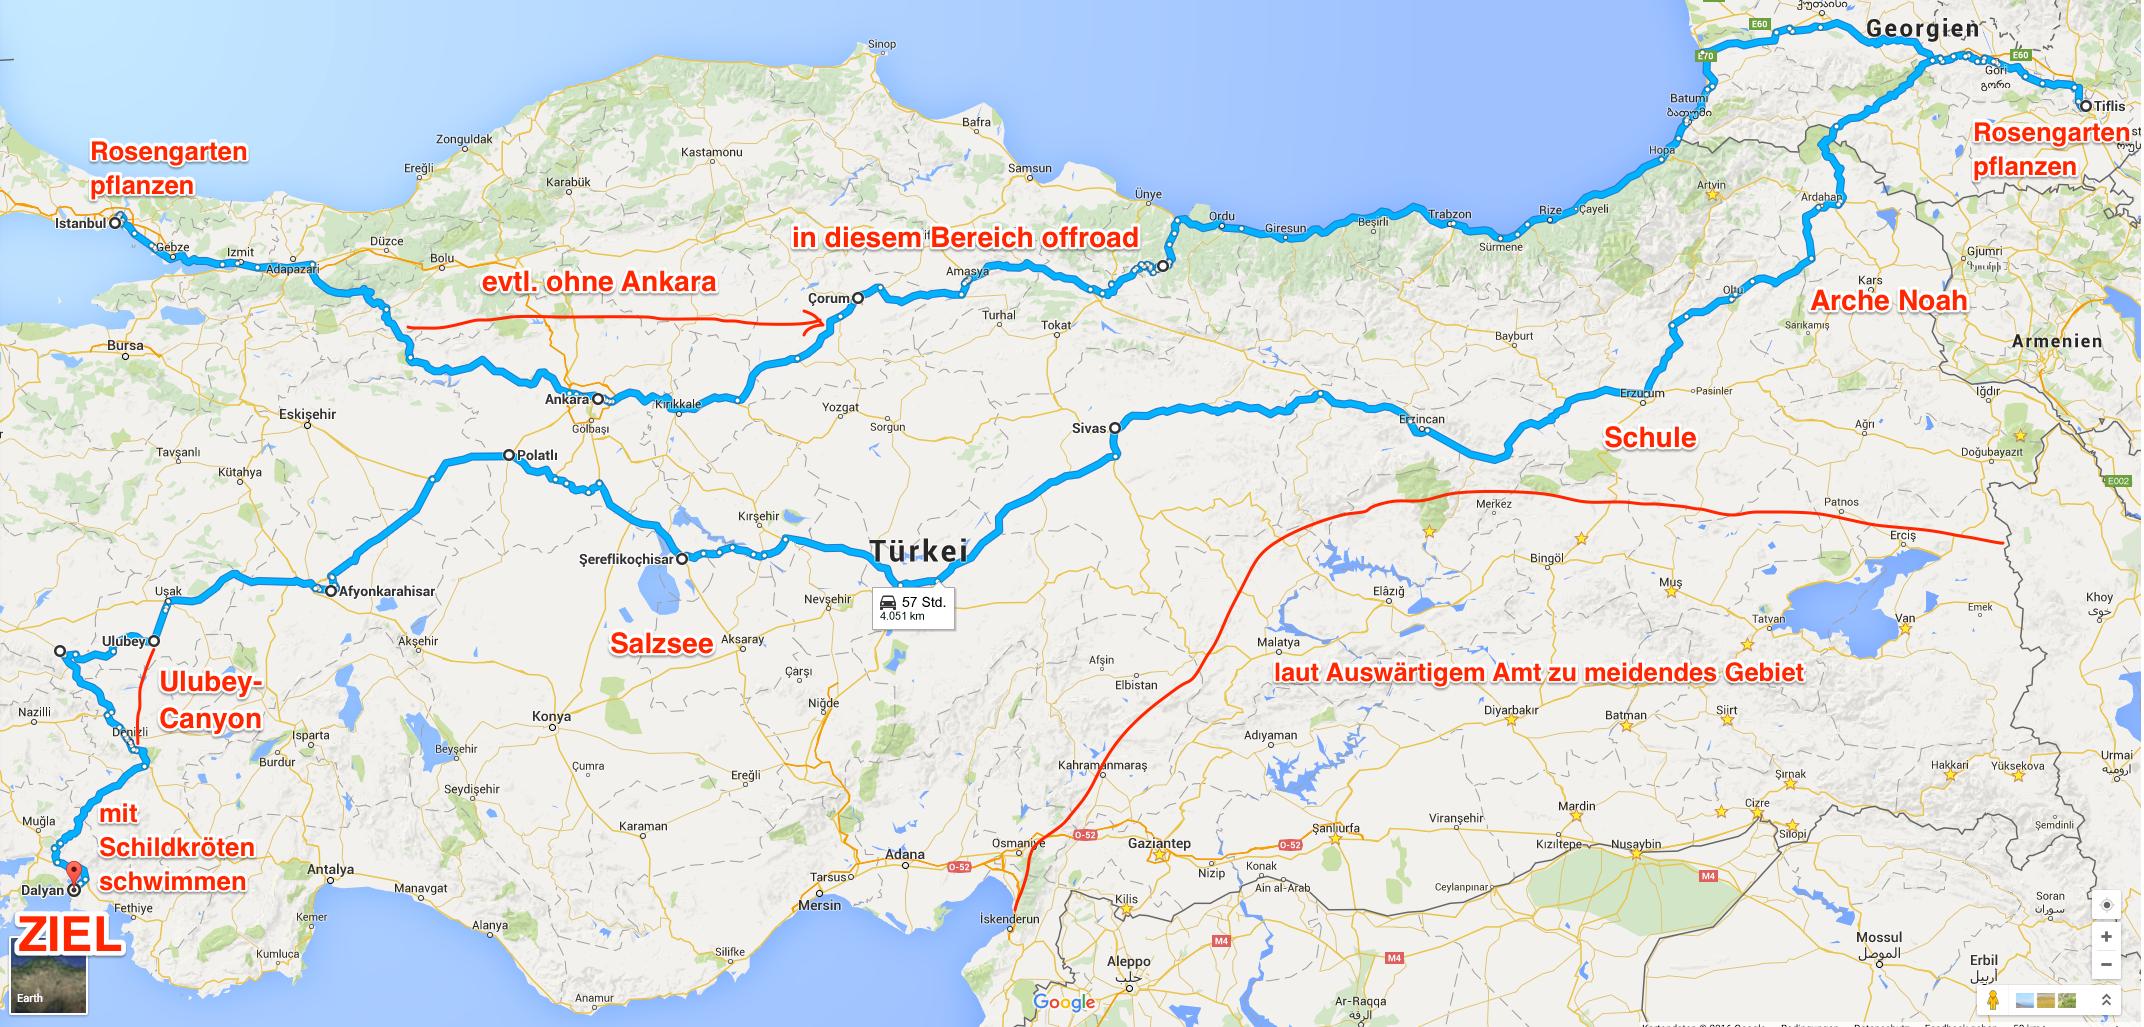 Propellerheads Allgäu-Orient-Rallye Route 2015 Türkei - Georgien - Ägäis - mit Infos 4